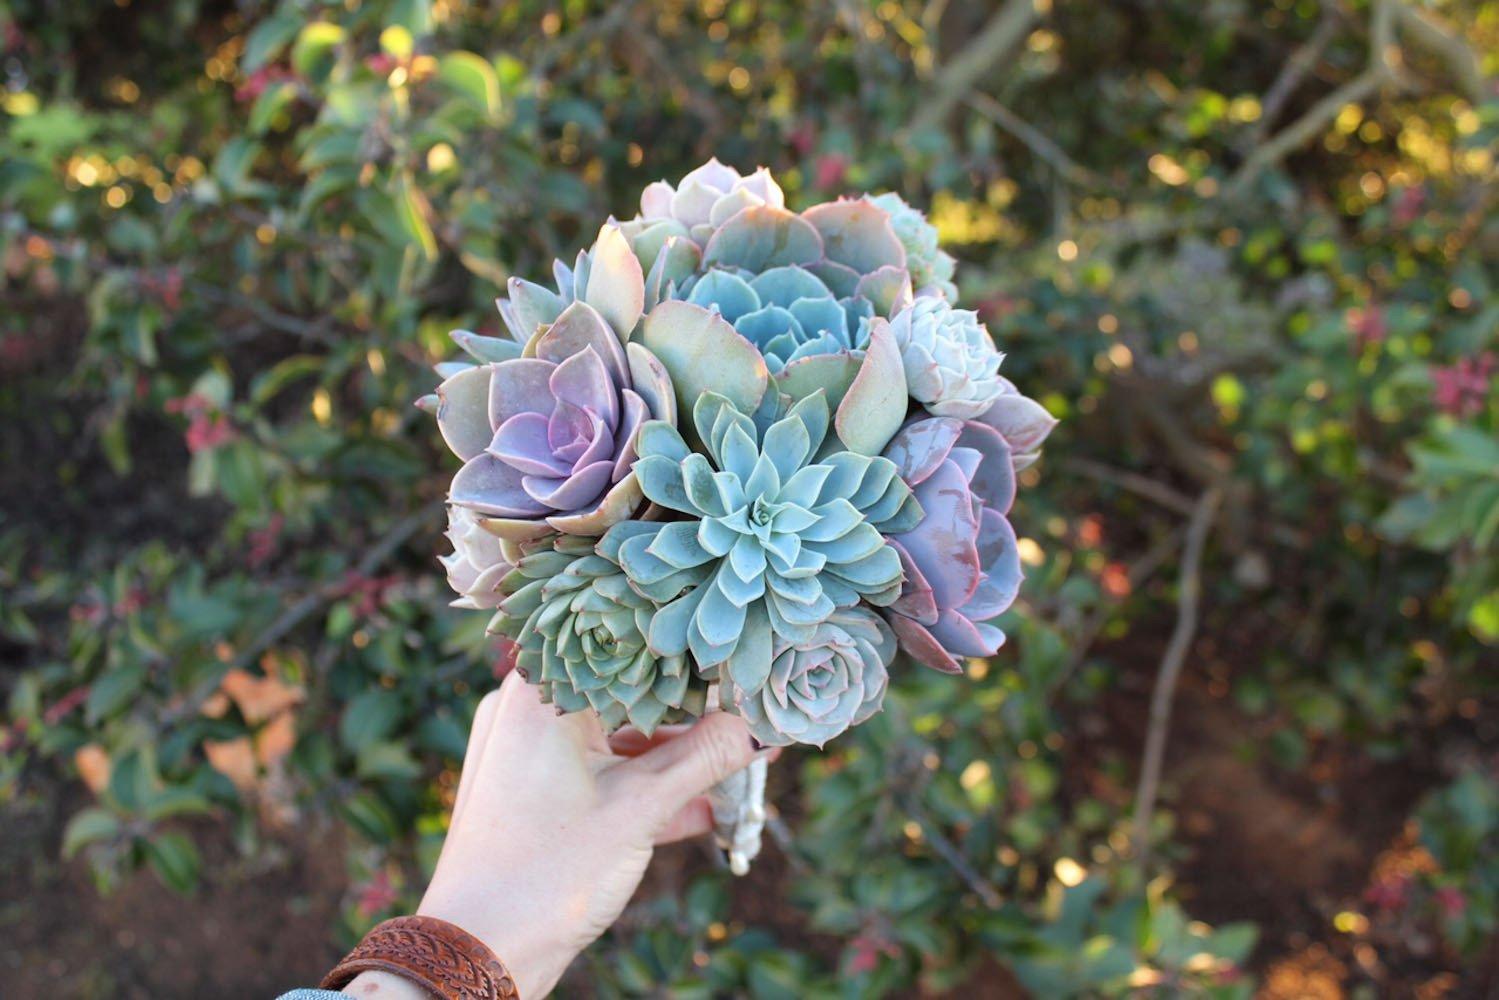 succulent_bouquet_wedding_bride_bouquets_2_2000x.jpg